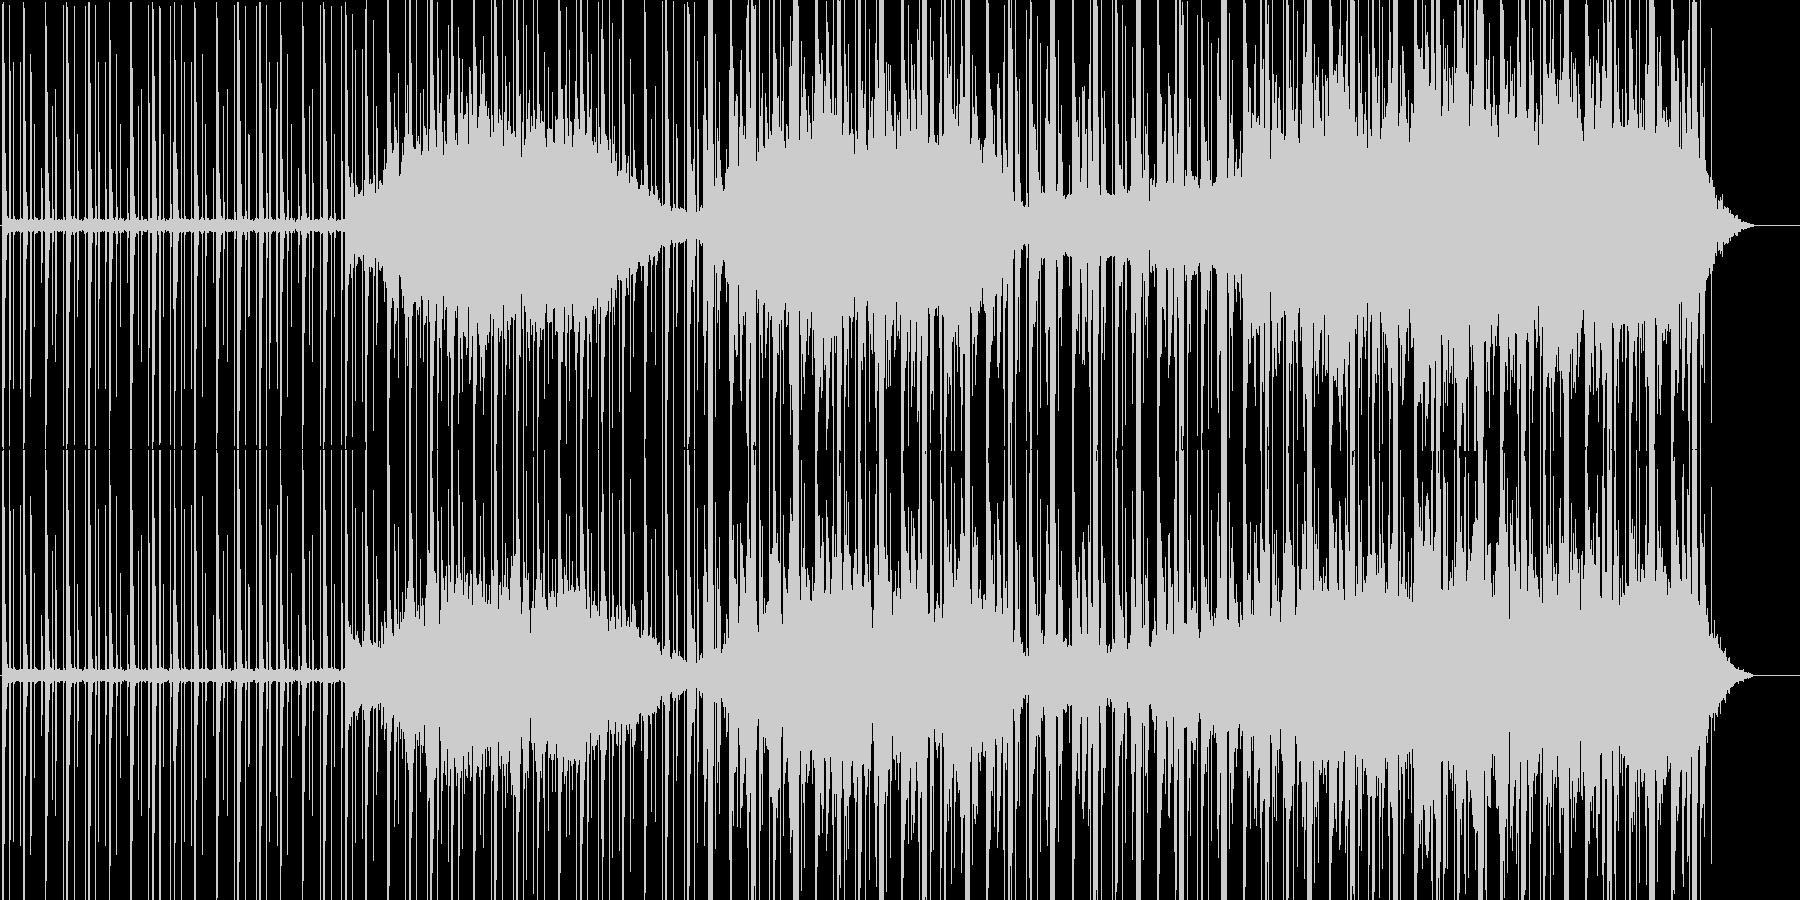 【テック】映像系に合いそうなテクノの未再生の波形